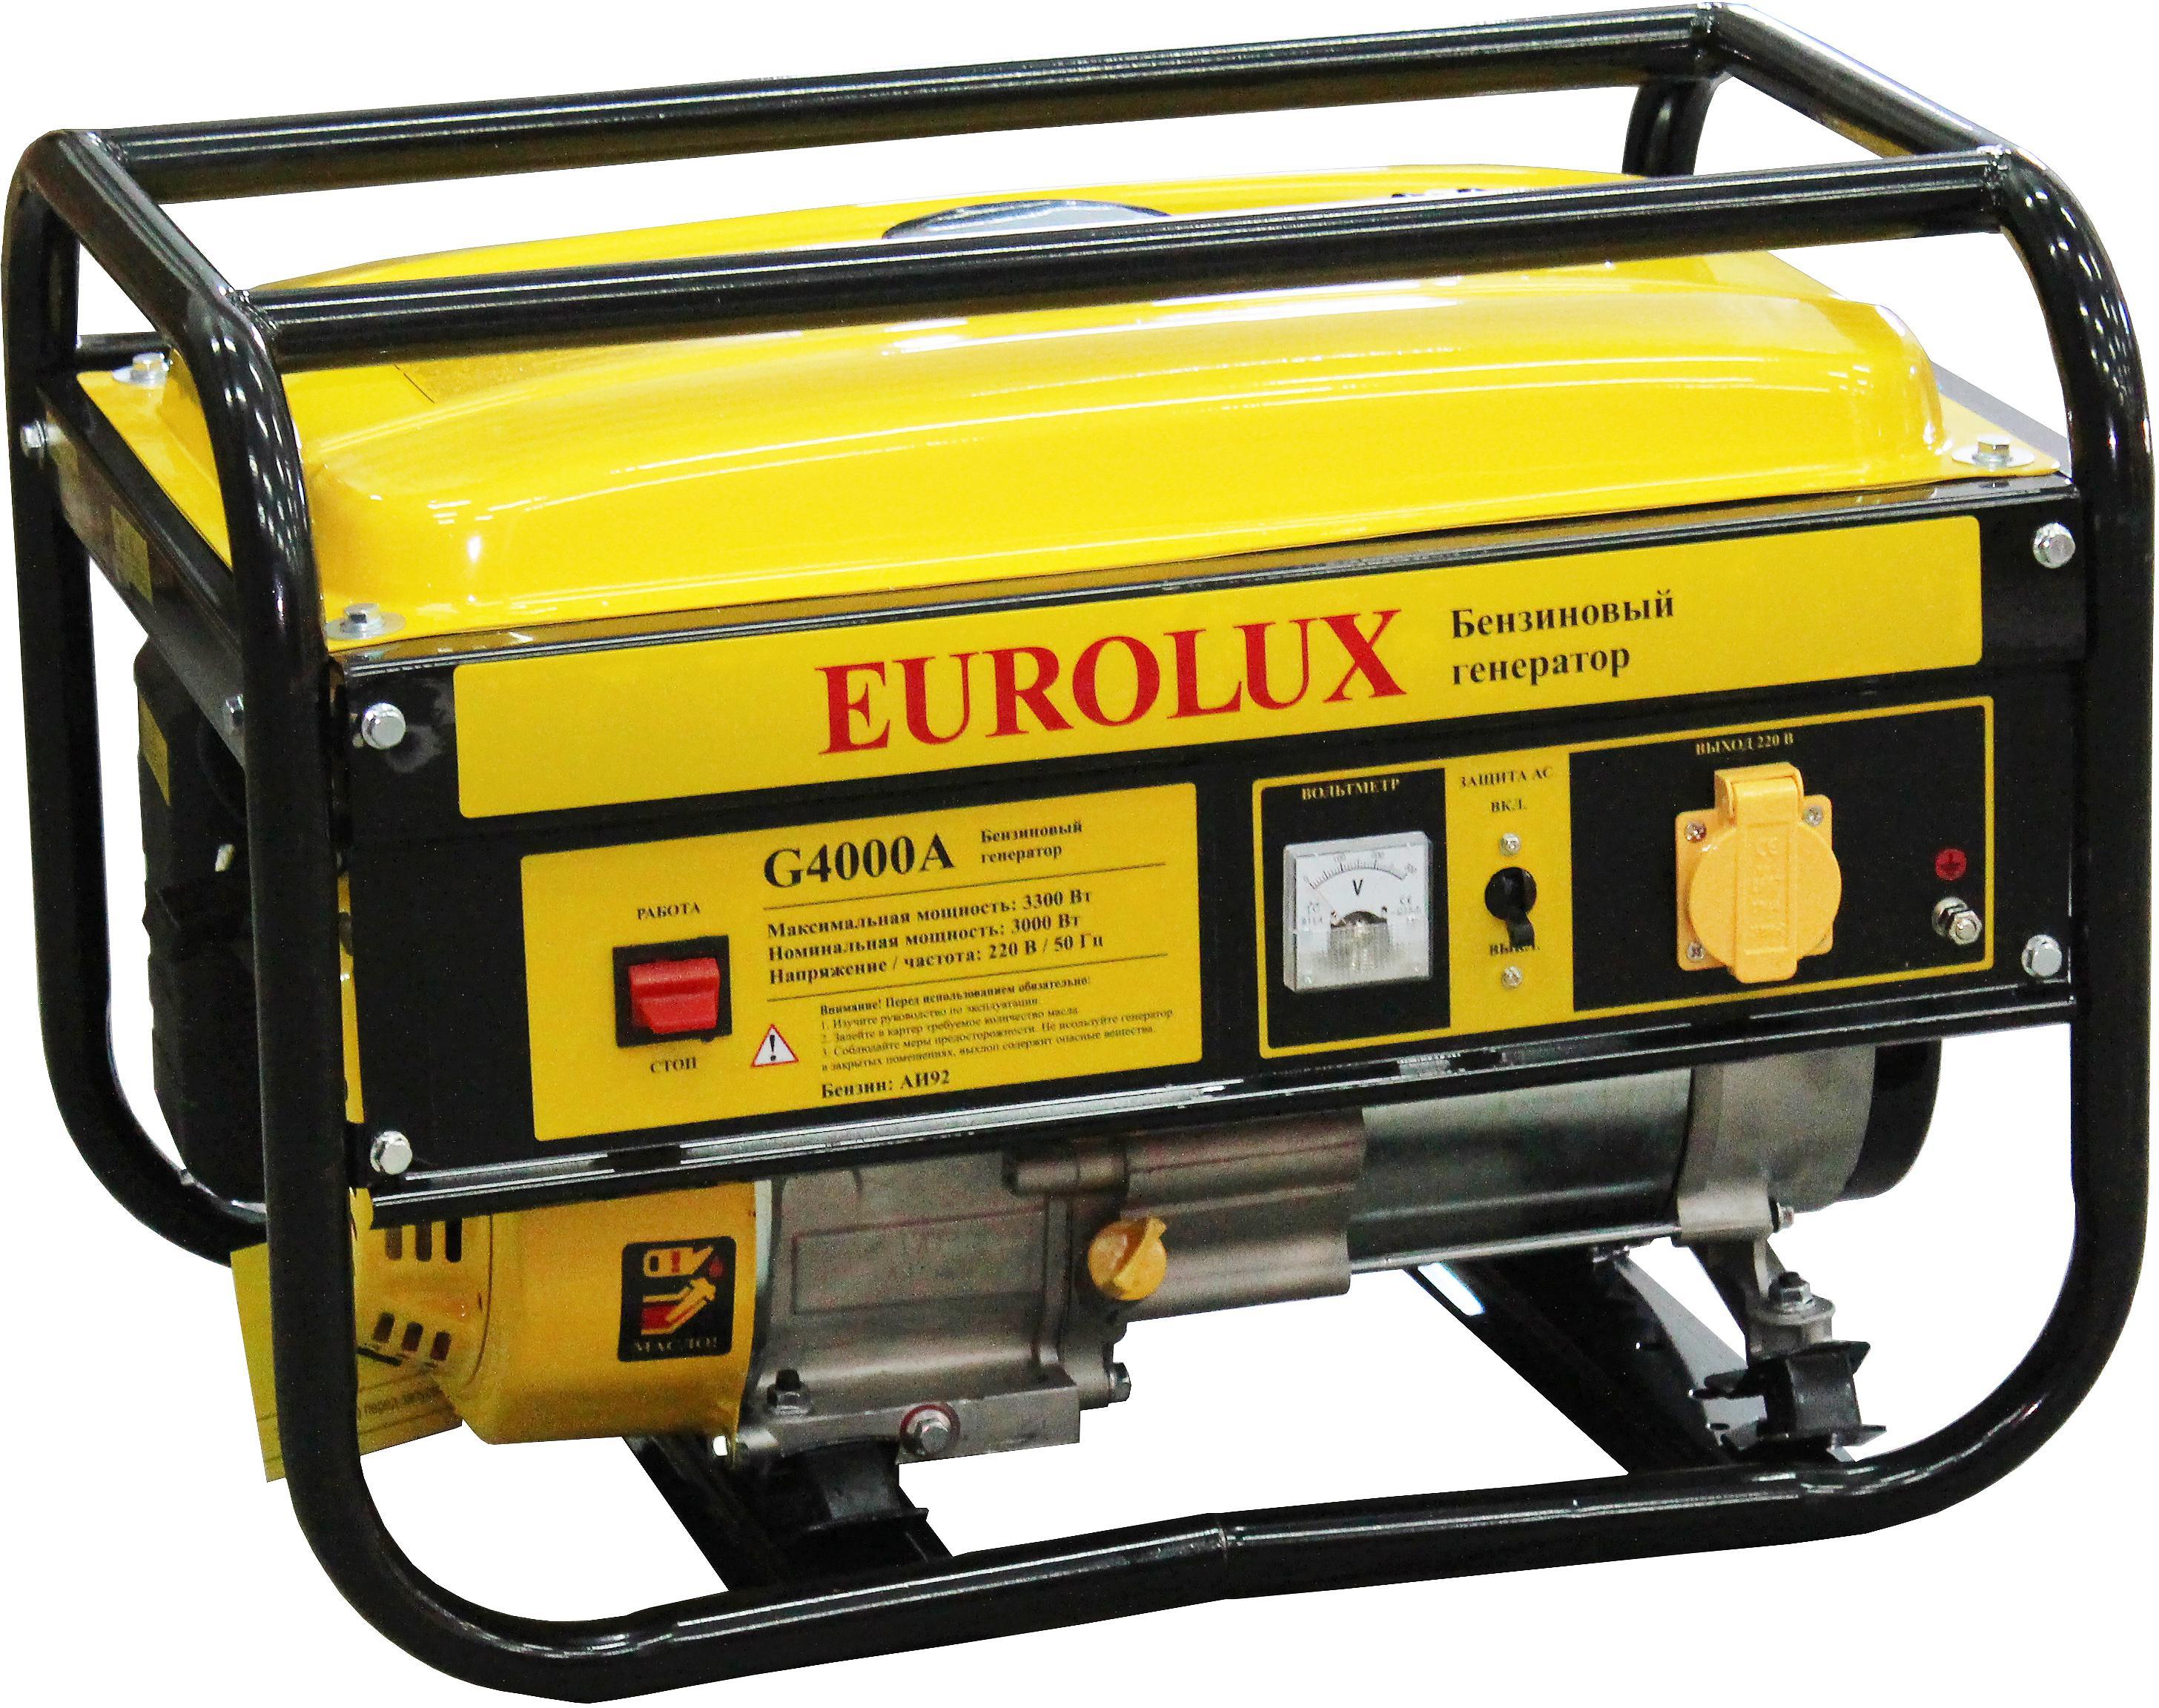 Генератор Eurolux G4000a генератор бензиновый eurolux g3600a